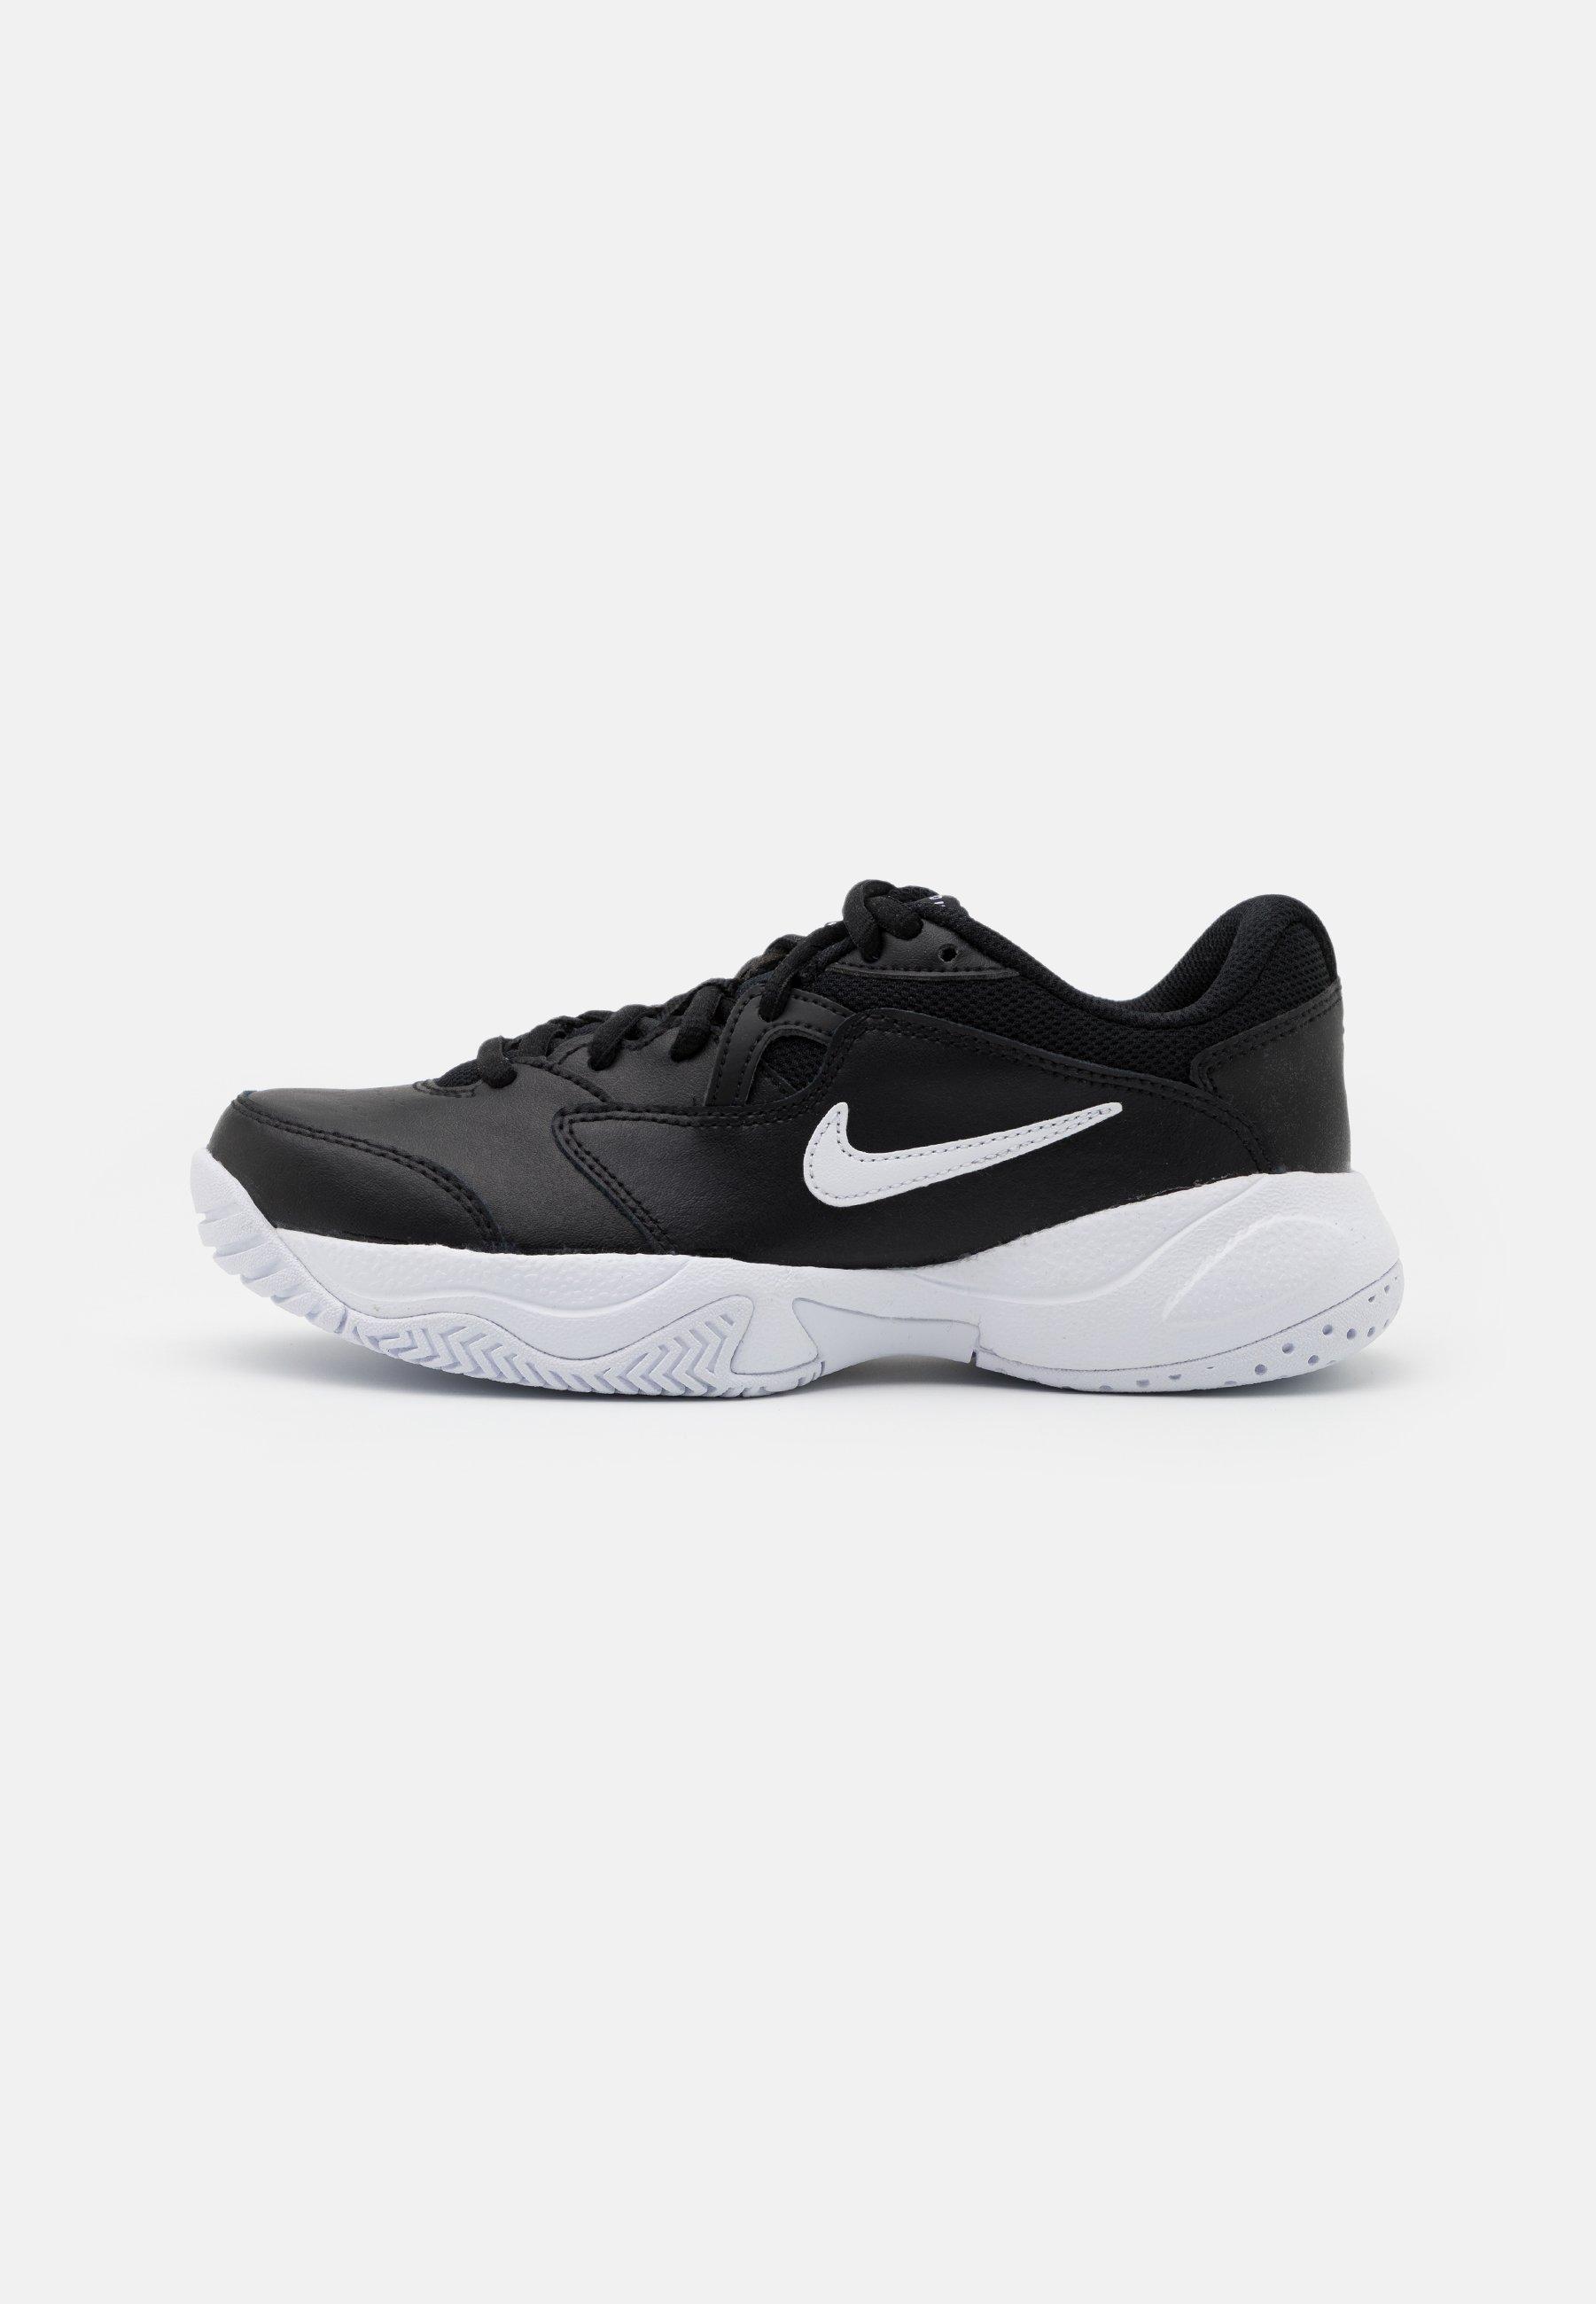 Kids COURT JR LITE 2 UNISEX - Multicourt tennis shoes